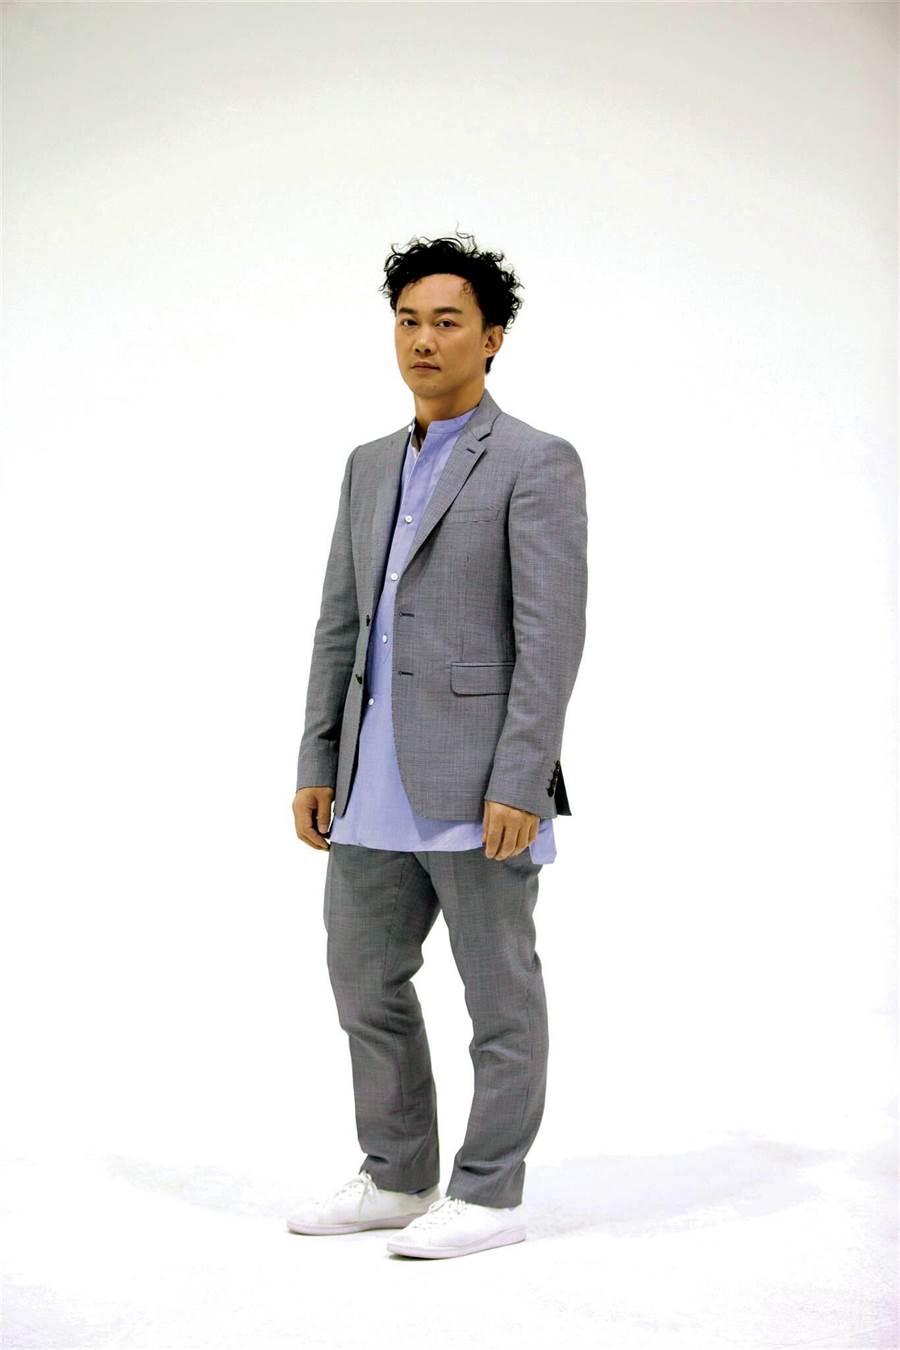 將由榮獲第13屆「年度風雲歌手」的亞太藝人「Eason陳奕迅」領軍。(高雄市文化局提供)